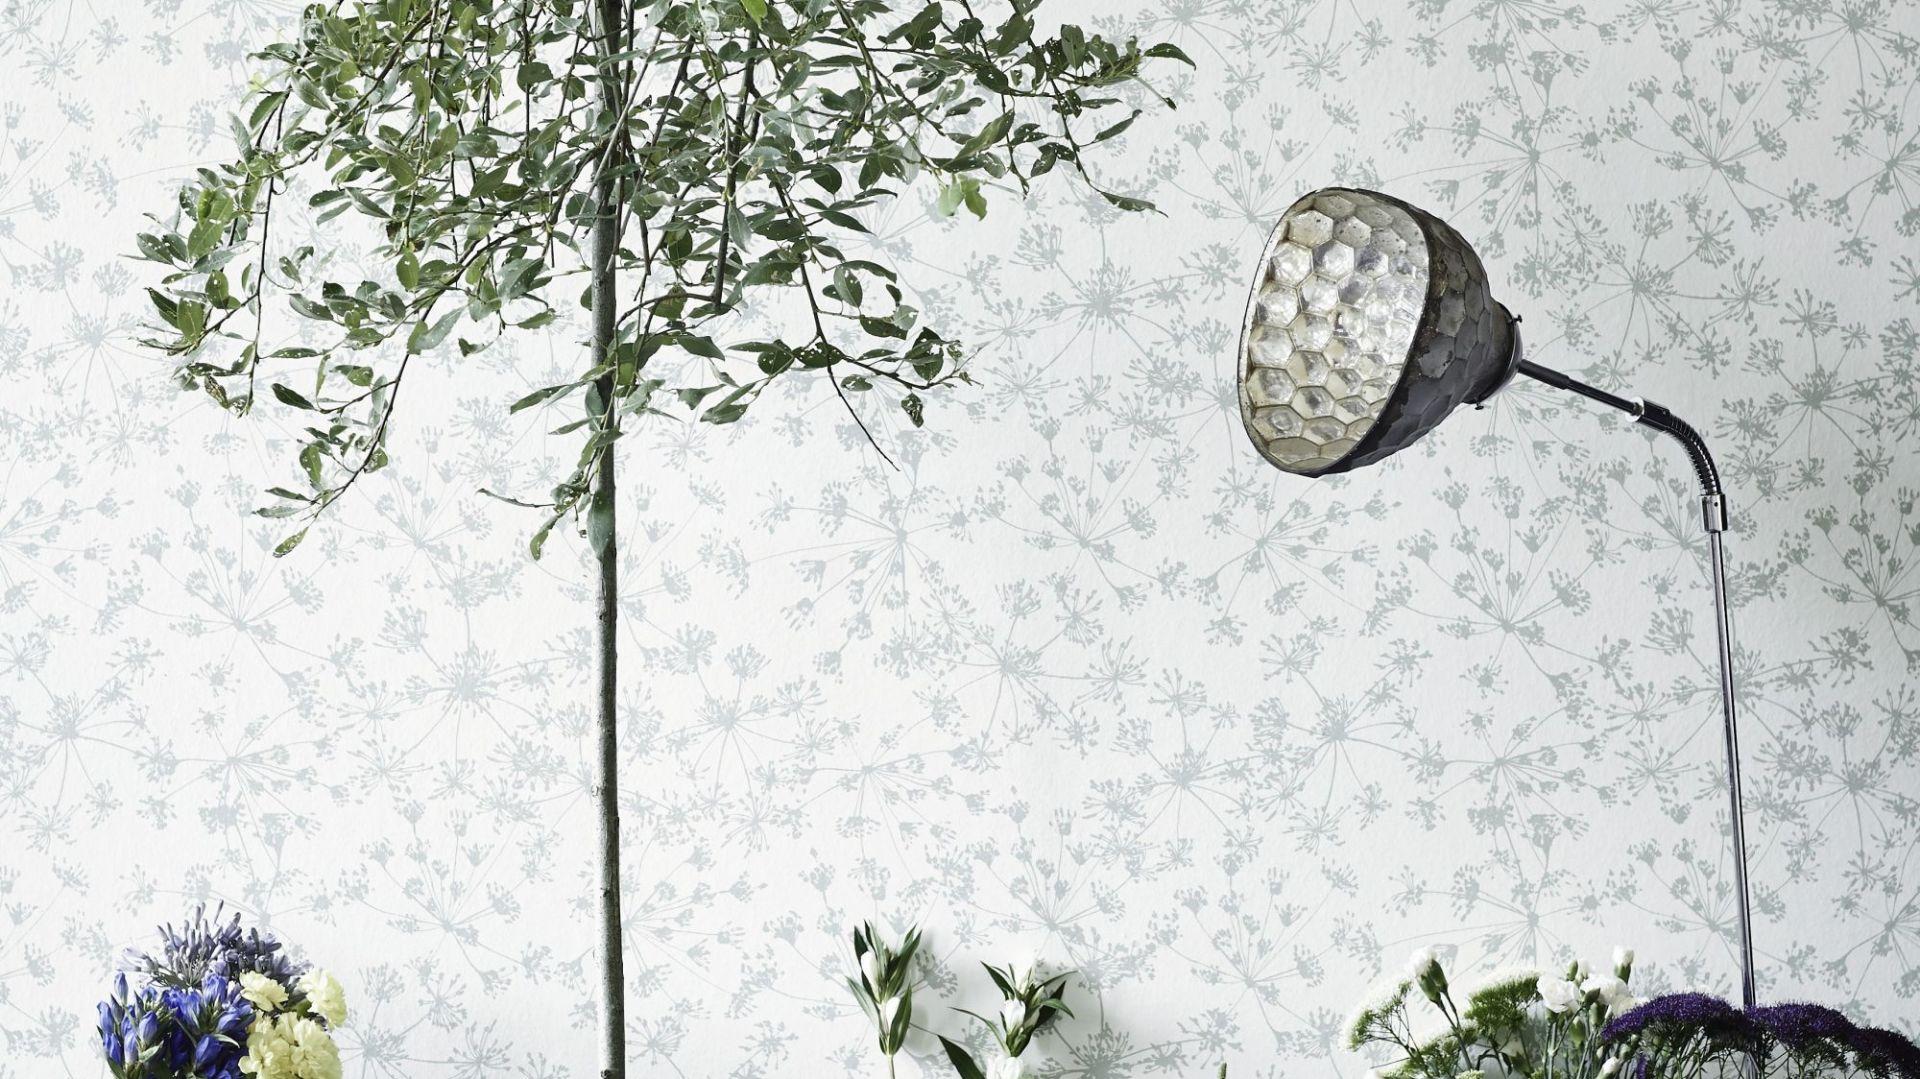 Kolekcję tapet Botanic Garden marki Flügger  zaprojektowała znana projektantka Helene Blanche z wykorzystaniem starych technik – wszystkie wzory namalowano ręcznie z użyciem węgla i akwareli. Fot. Flügger